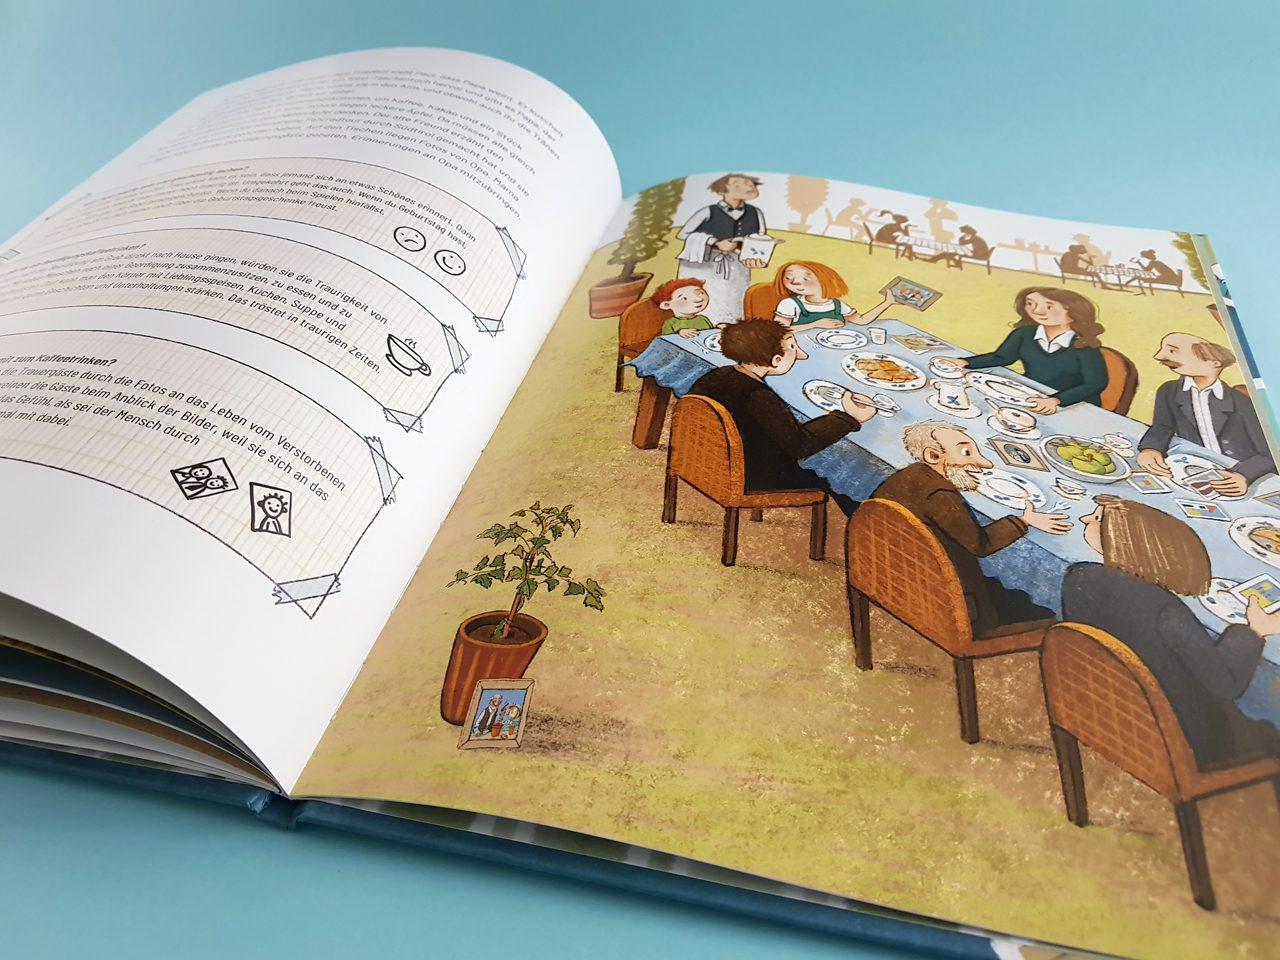 Geht Sterben wieder vorbei Gabriel Verlag aufgeschlagenes Kinderbuch